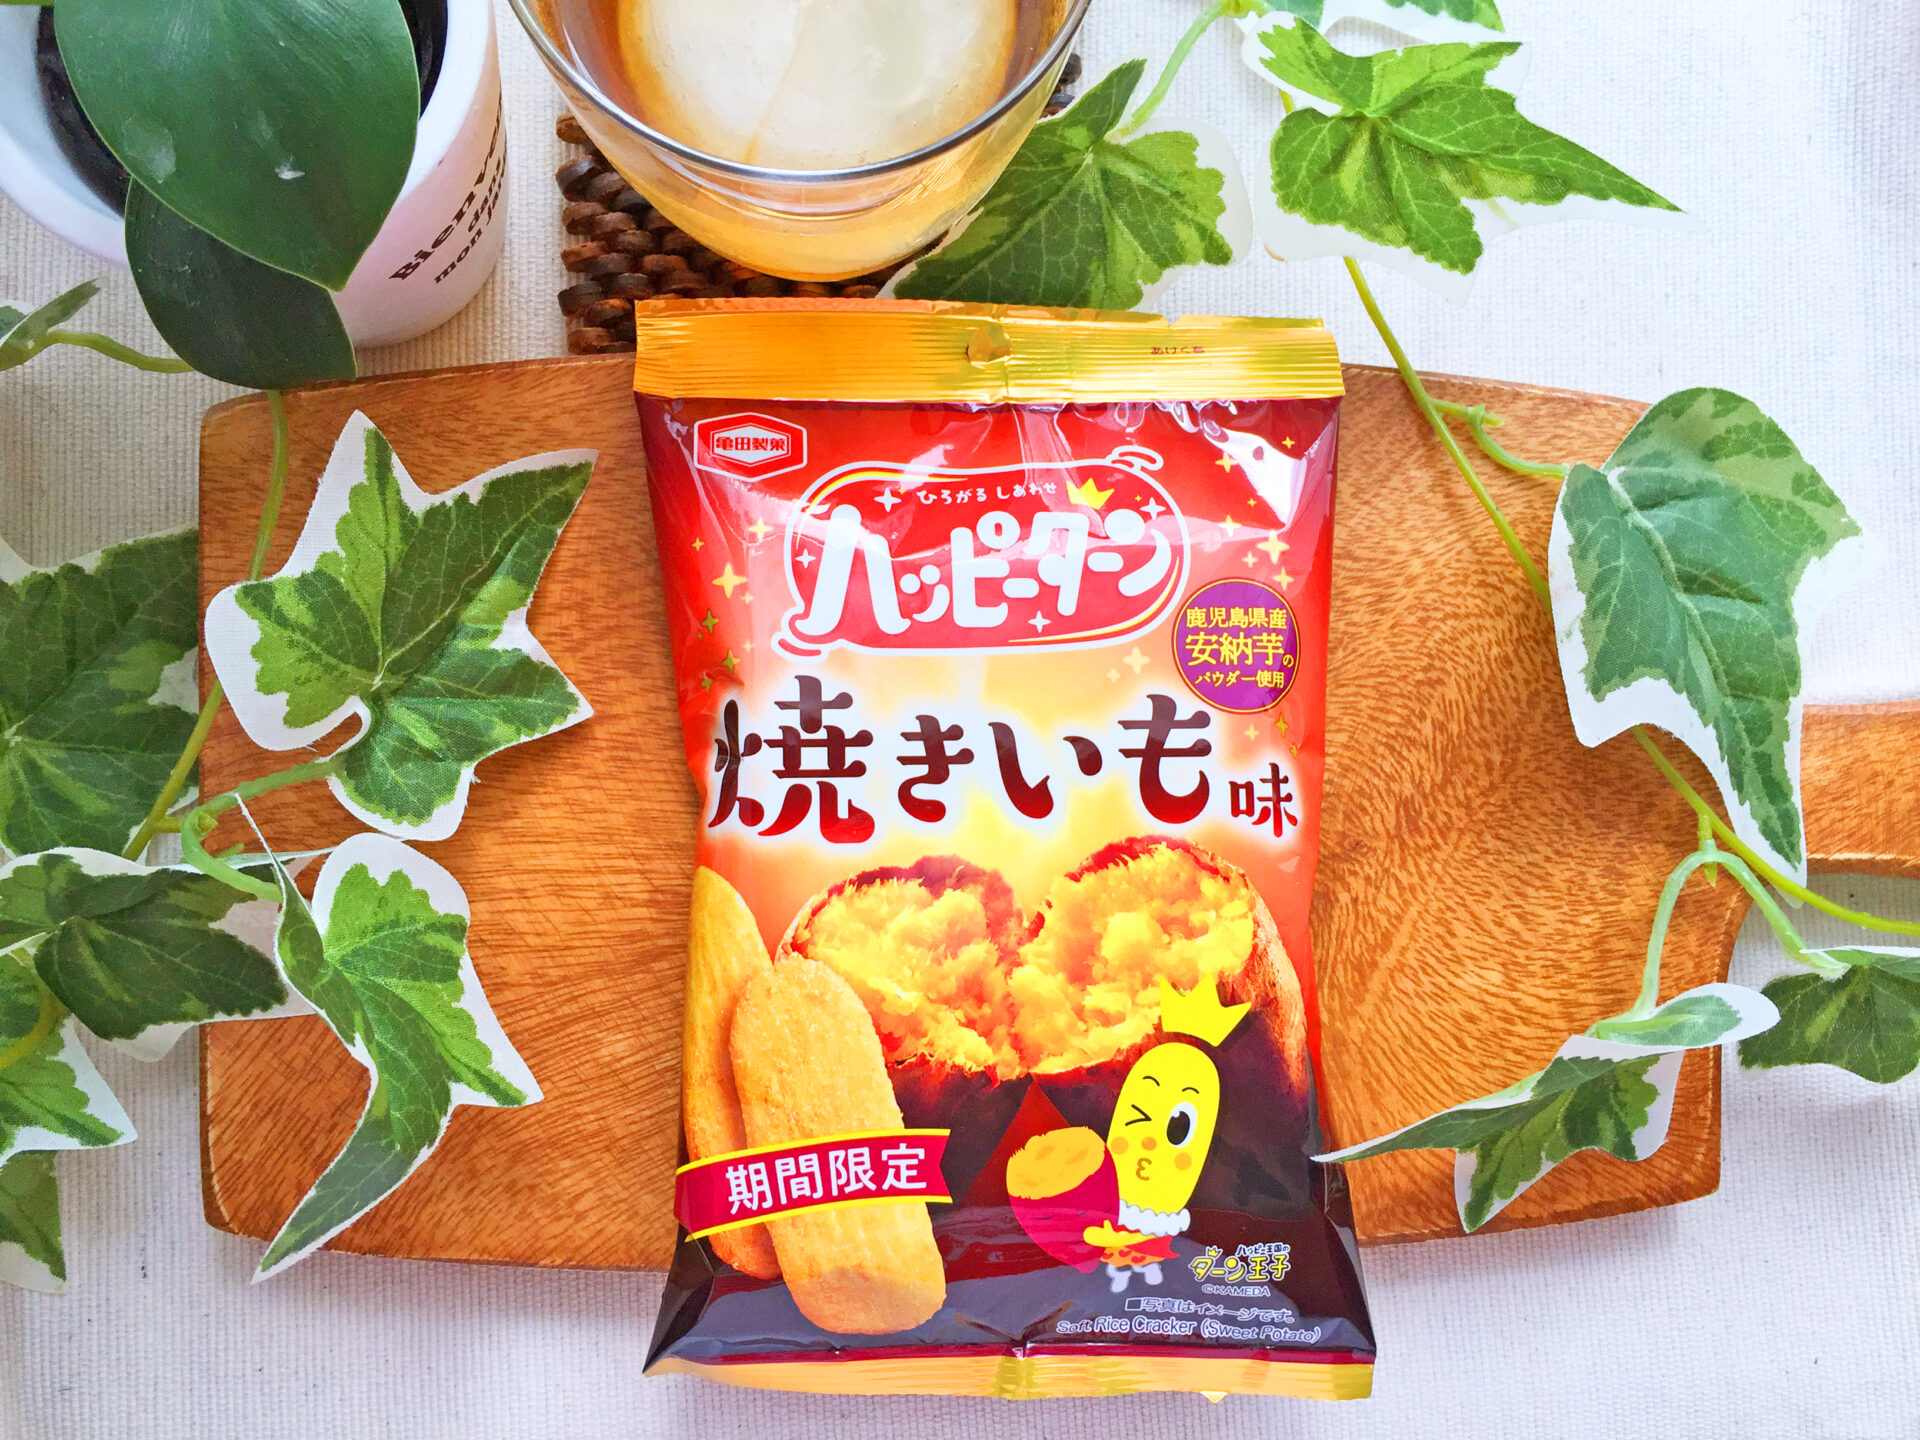 亀田『ハッピーターン 焼きいも味』